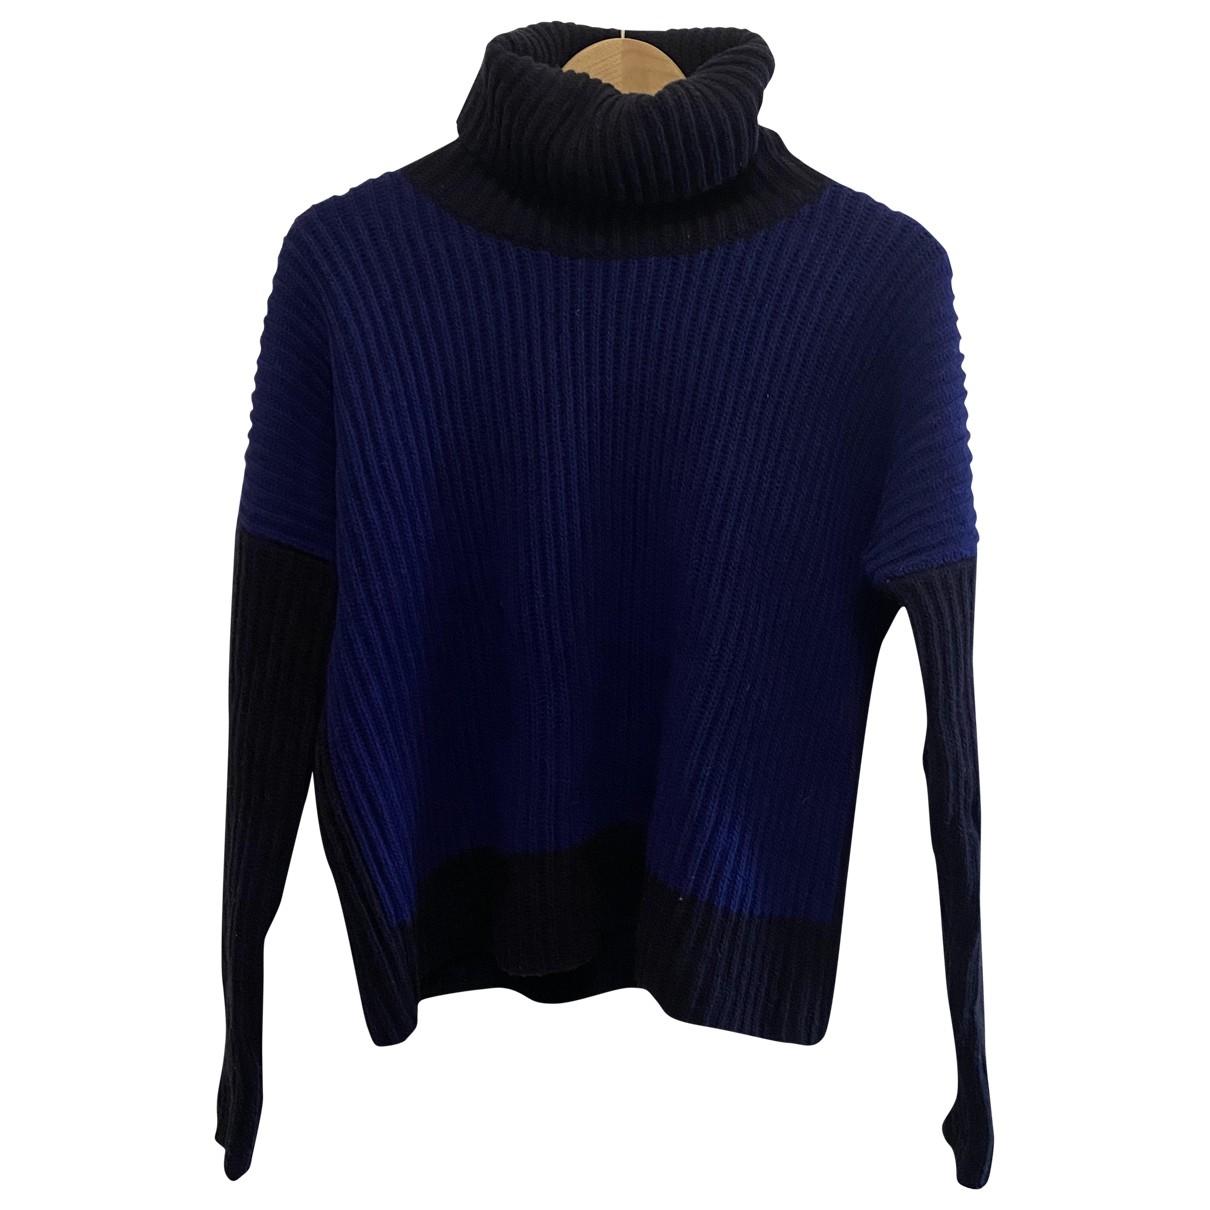 Ports 1961 \N Navy Wool Knitwear for Women M International